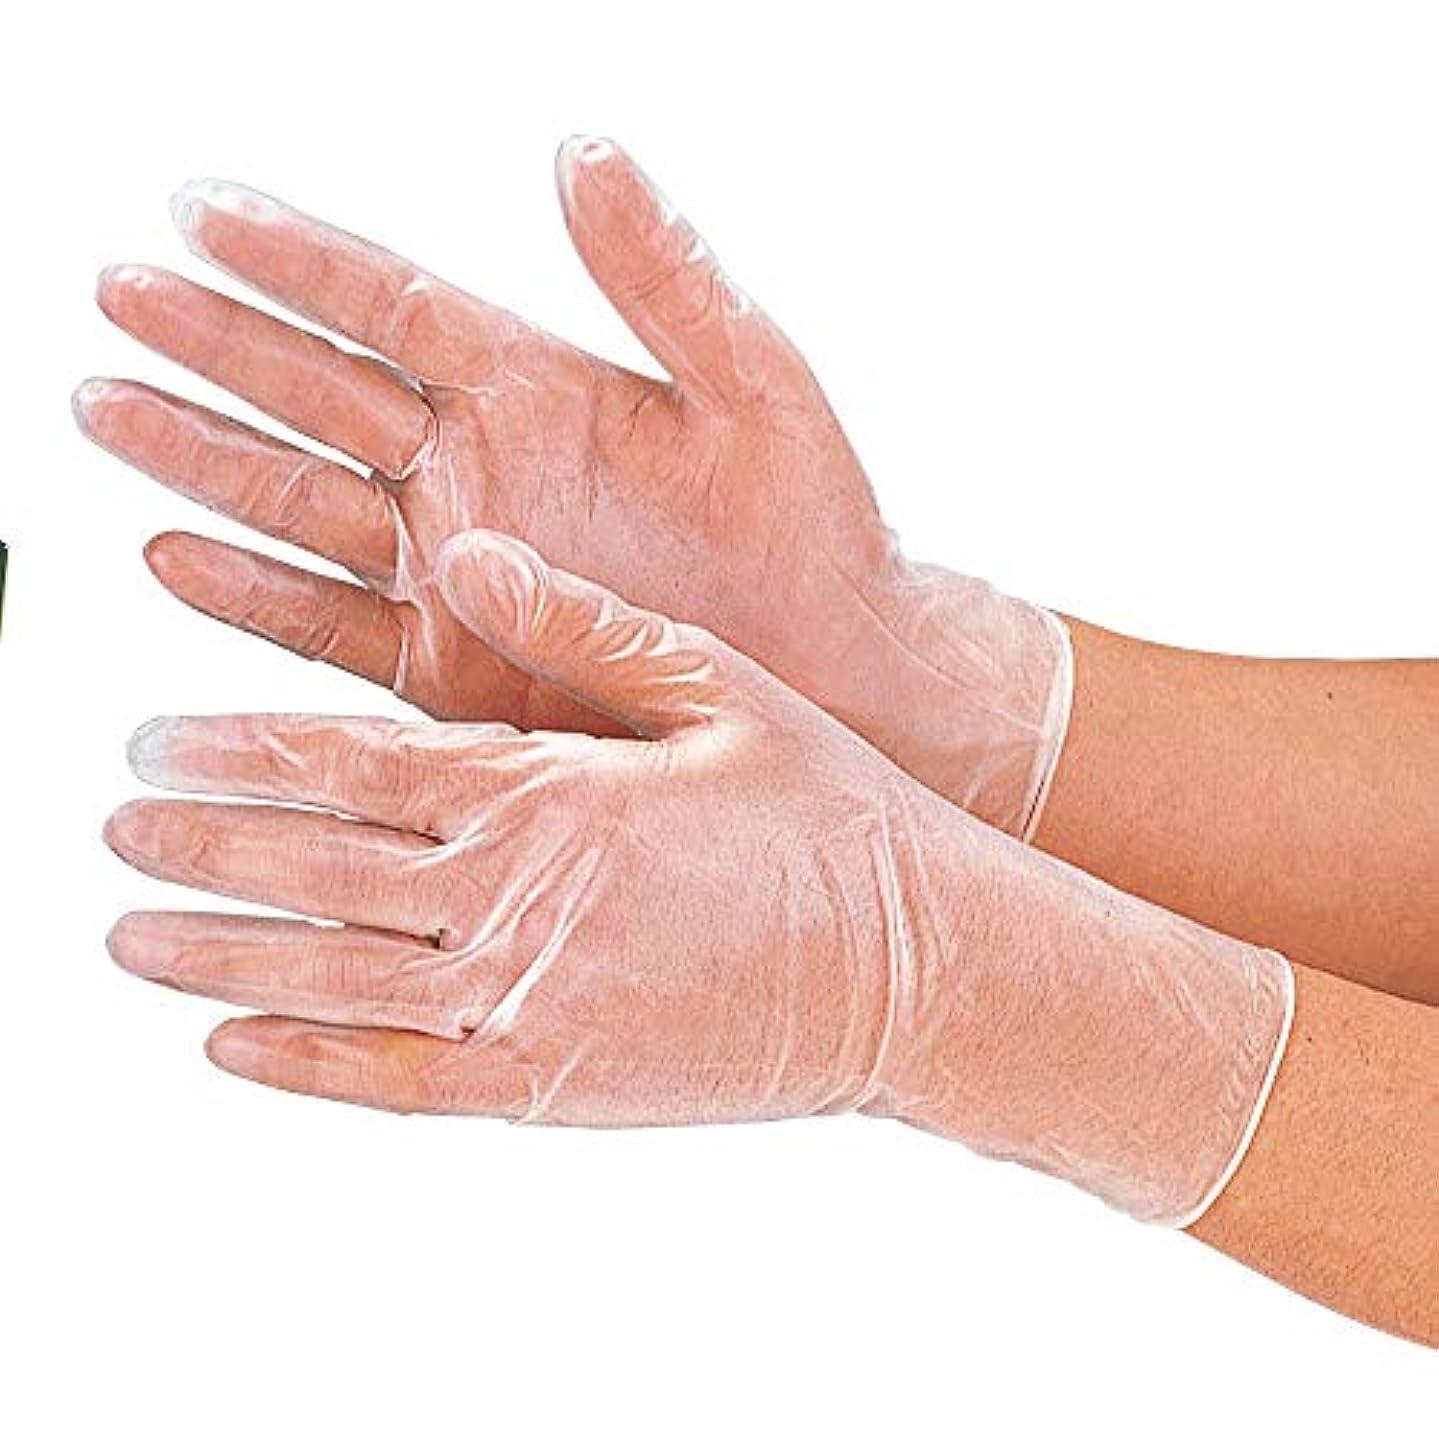 等価コテージコンピューターおたふく手袋 プラスチックディスポ手袋 100枚入り #255 S/M/L